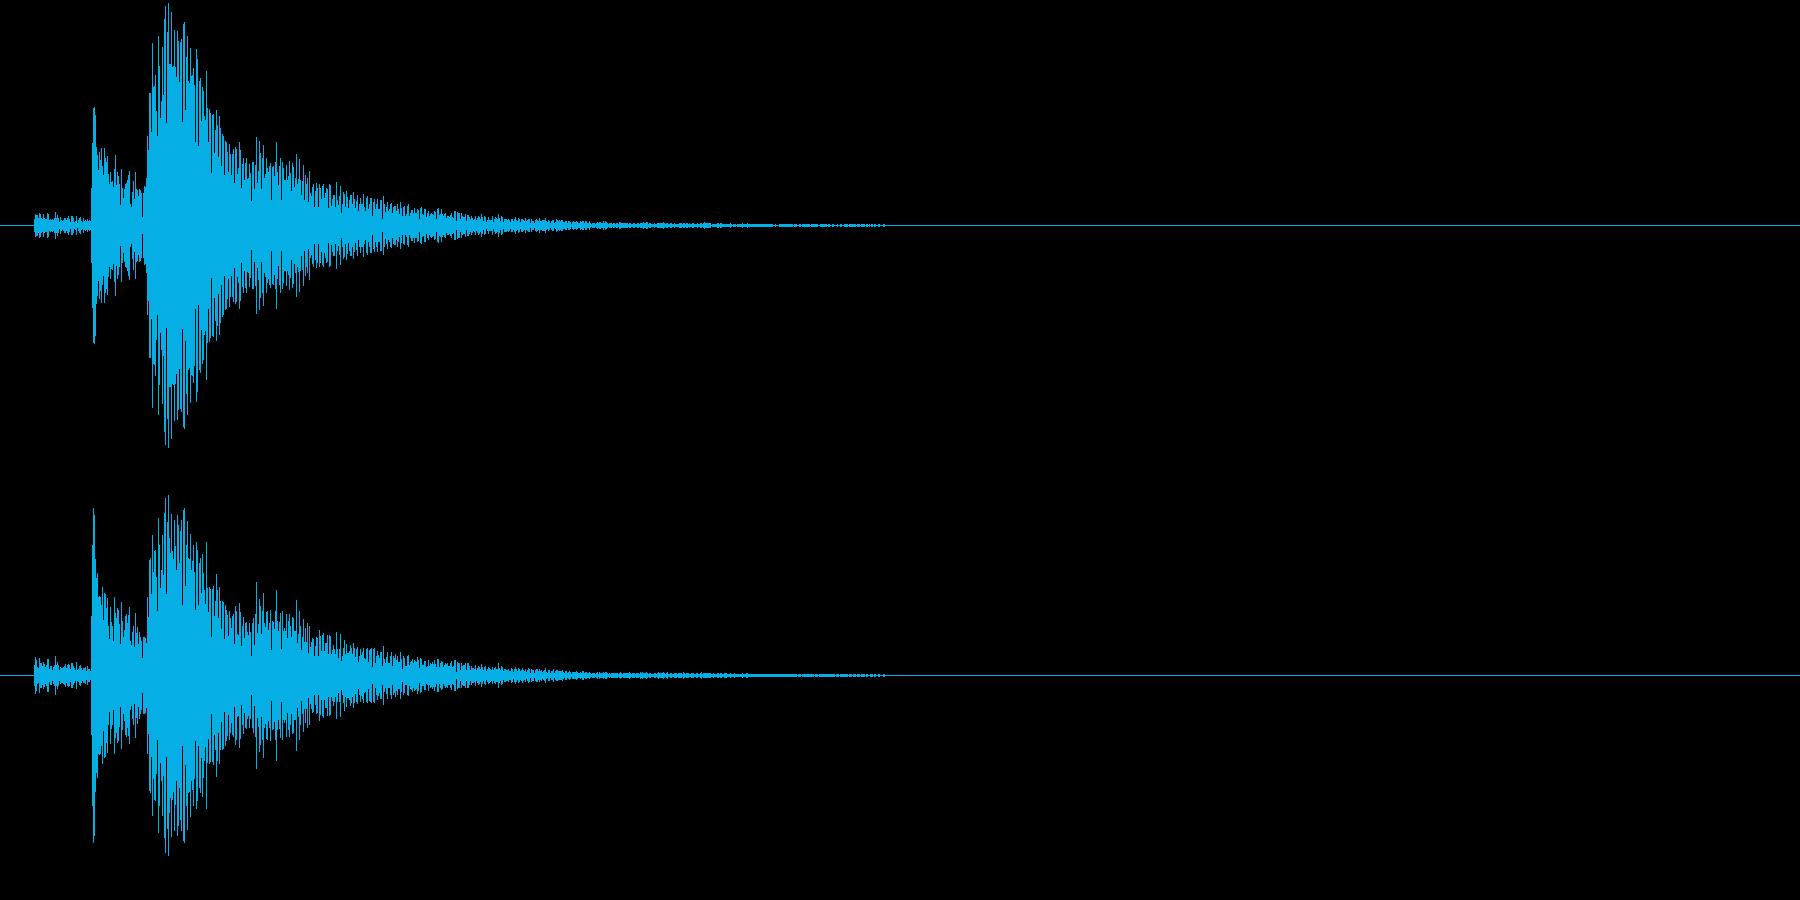 インドの桶太鼓Dhol(ドール)の連打音の再生済みの波形